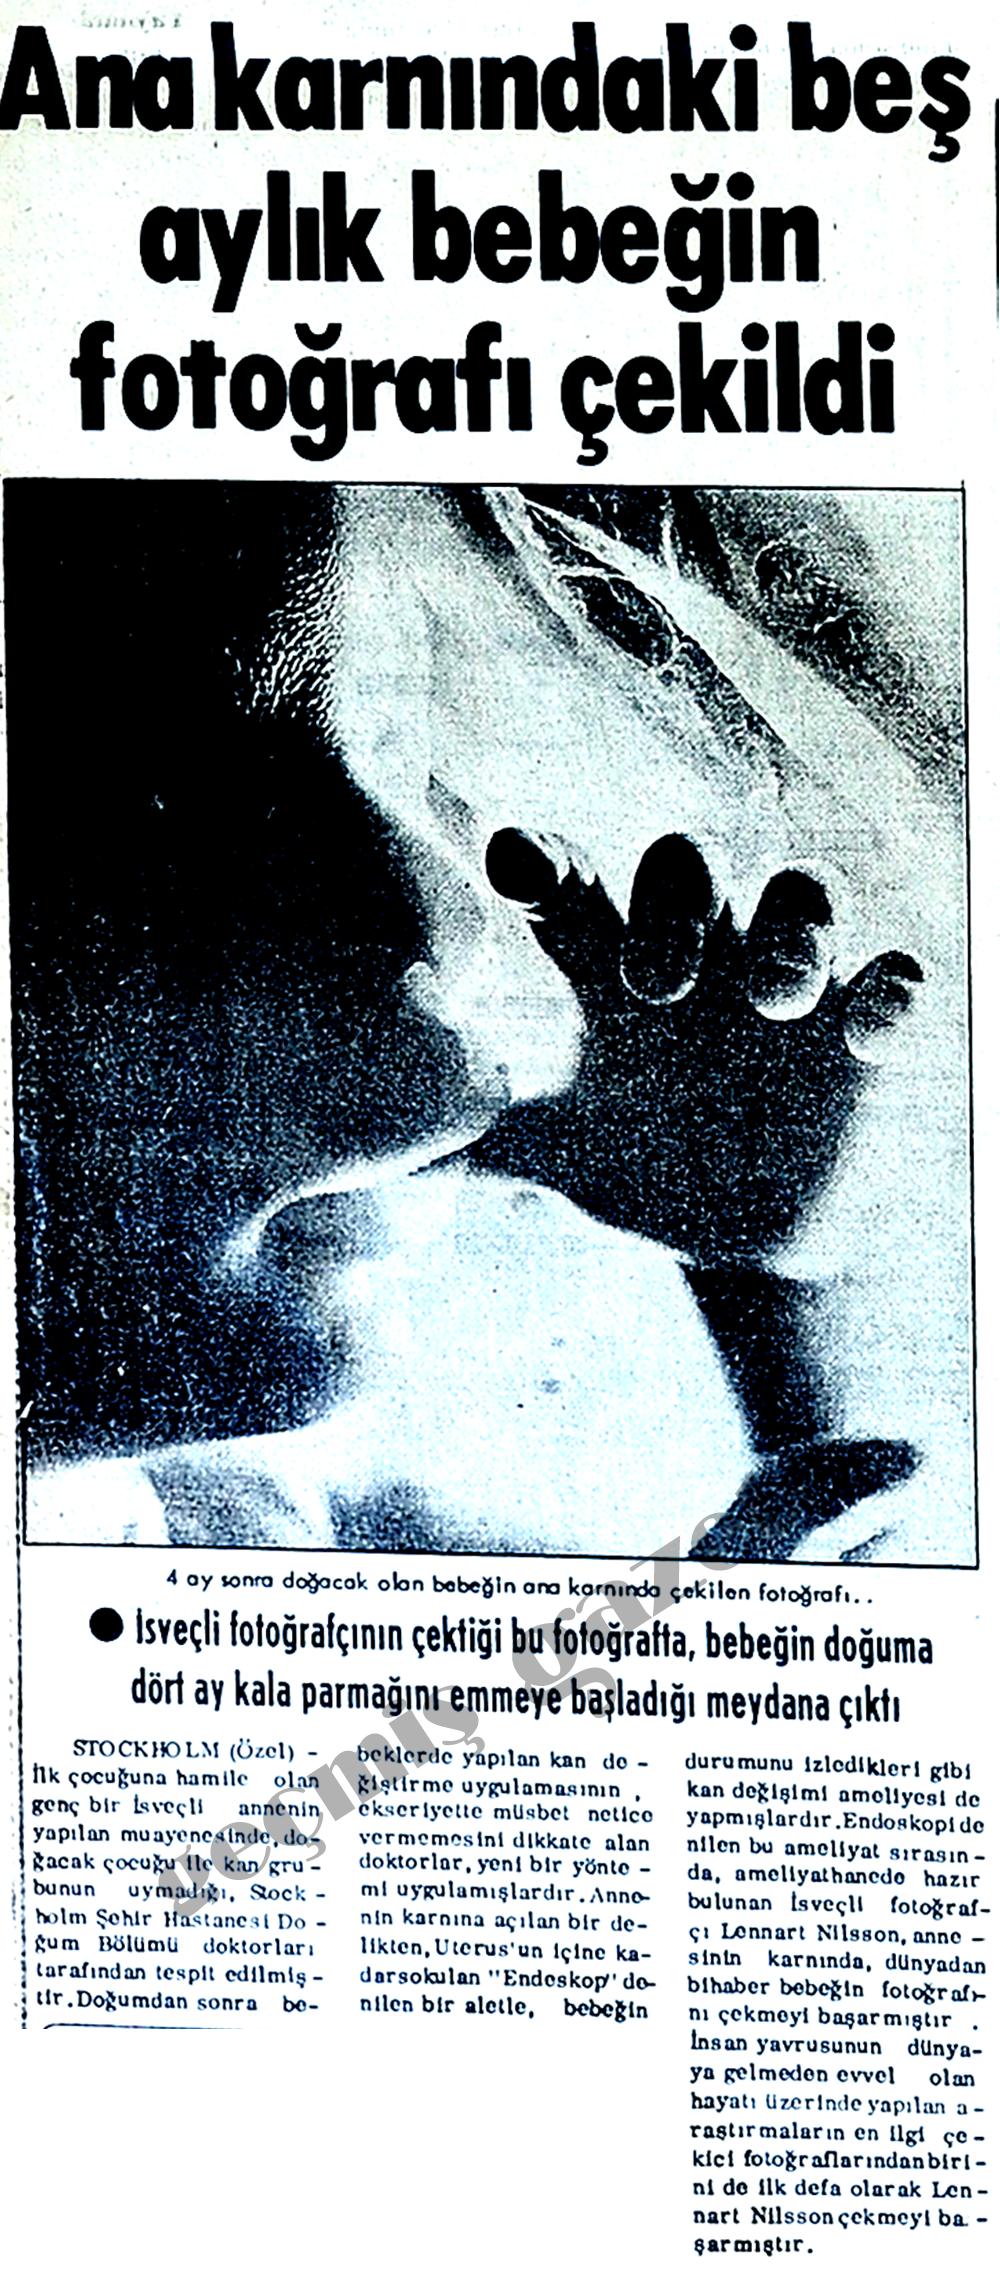 Ana karnındaki beş aylık bebeğin fotoğrafı çekildi